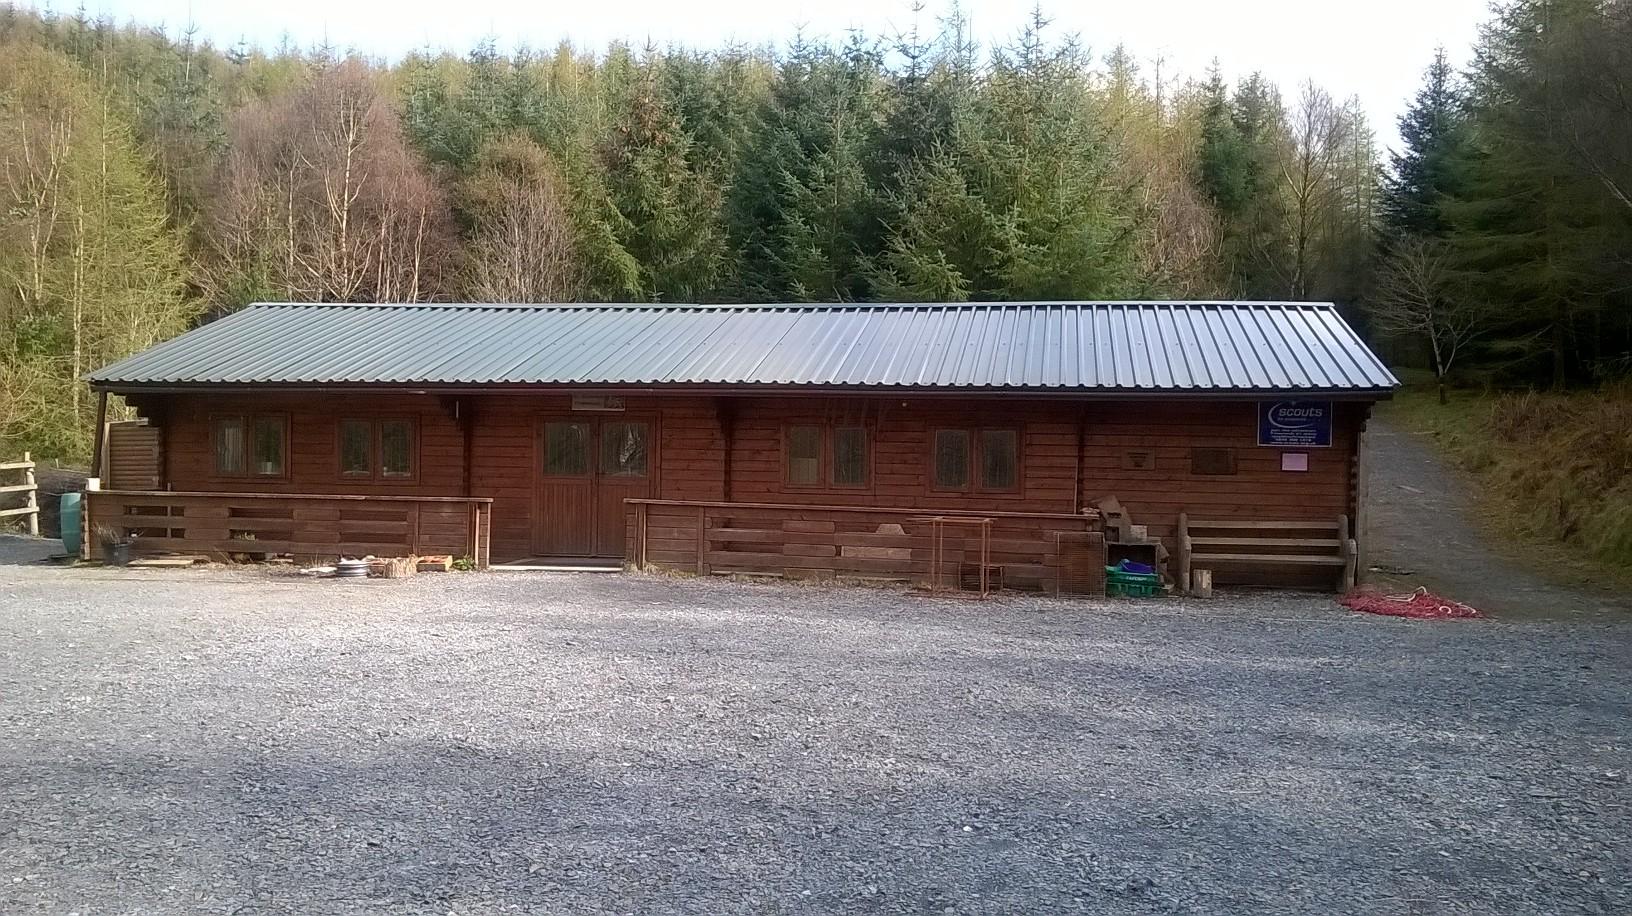 our Log Cabin at Cwm Newyddion